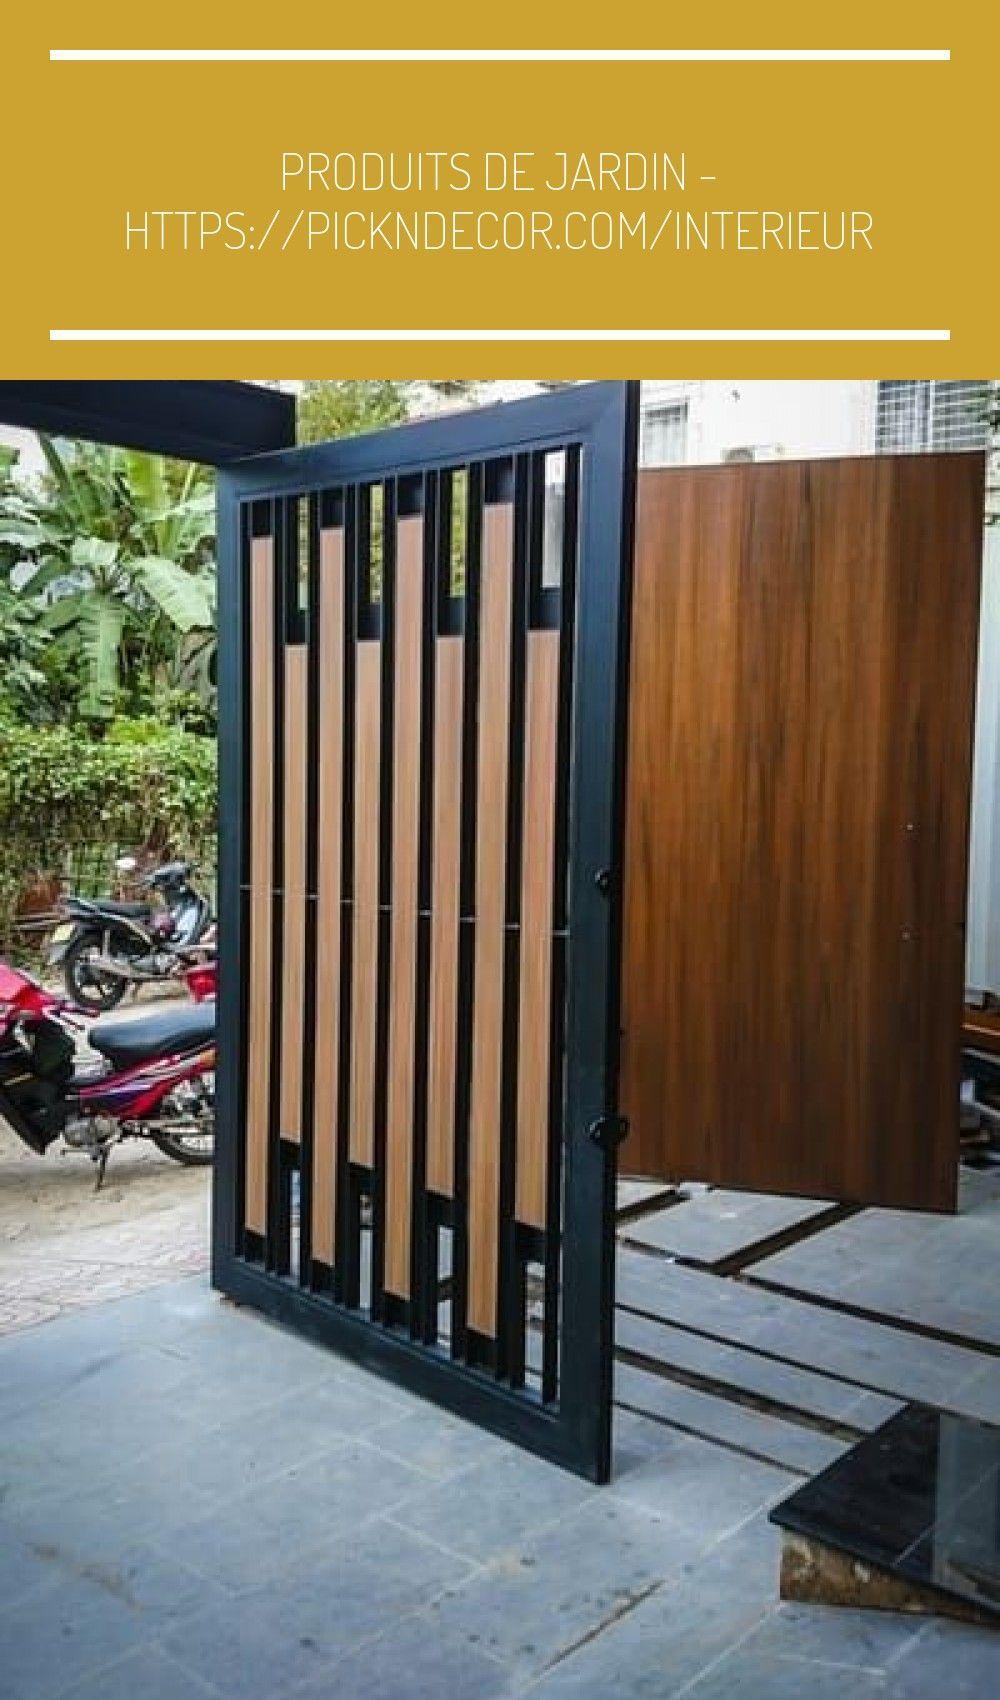 Einfache Tipps Und Tricks Moderne Zaun Einfahrt Klassischer Zaun Aus Metall Za In 2020 Tor Design Zaune Metall Zaun